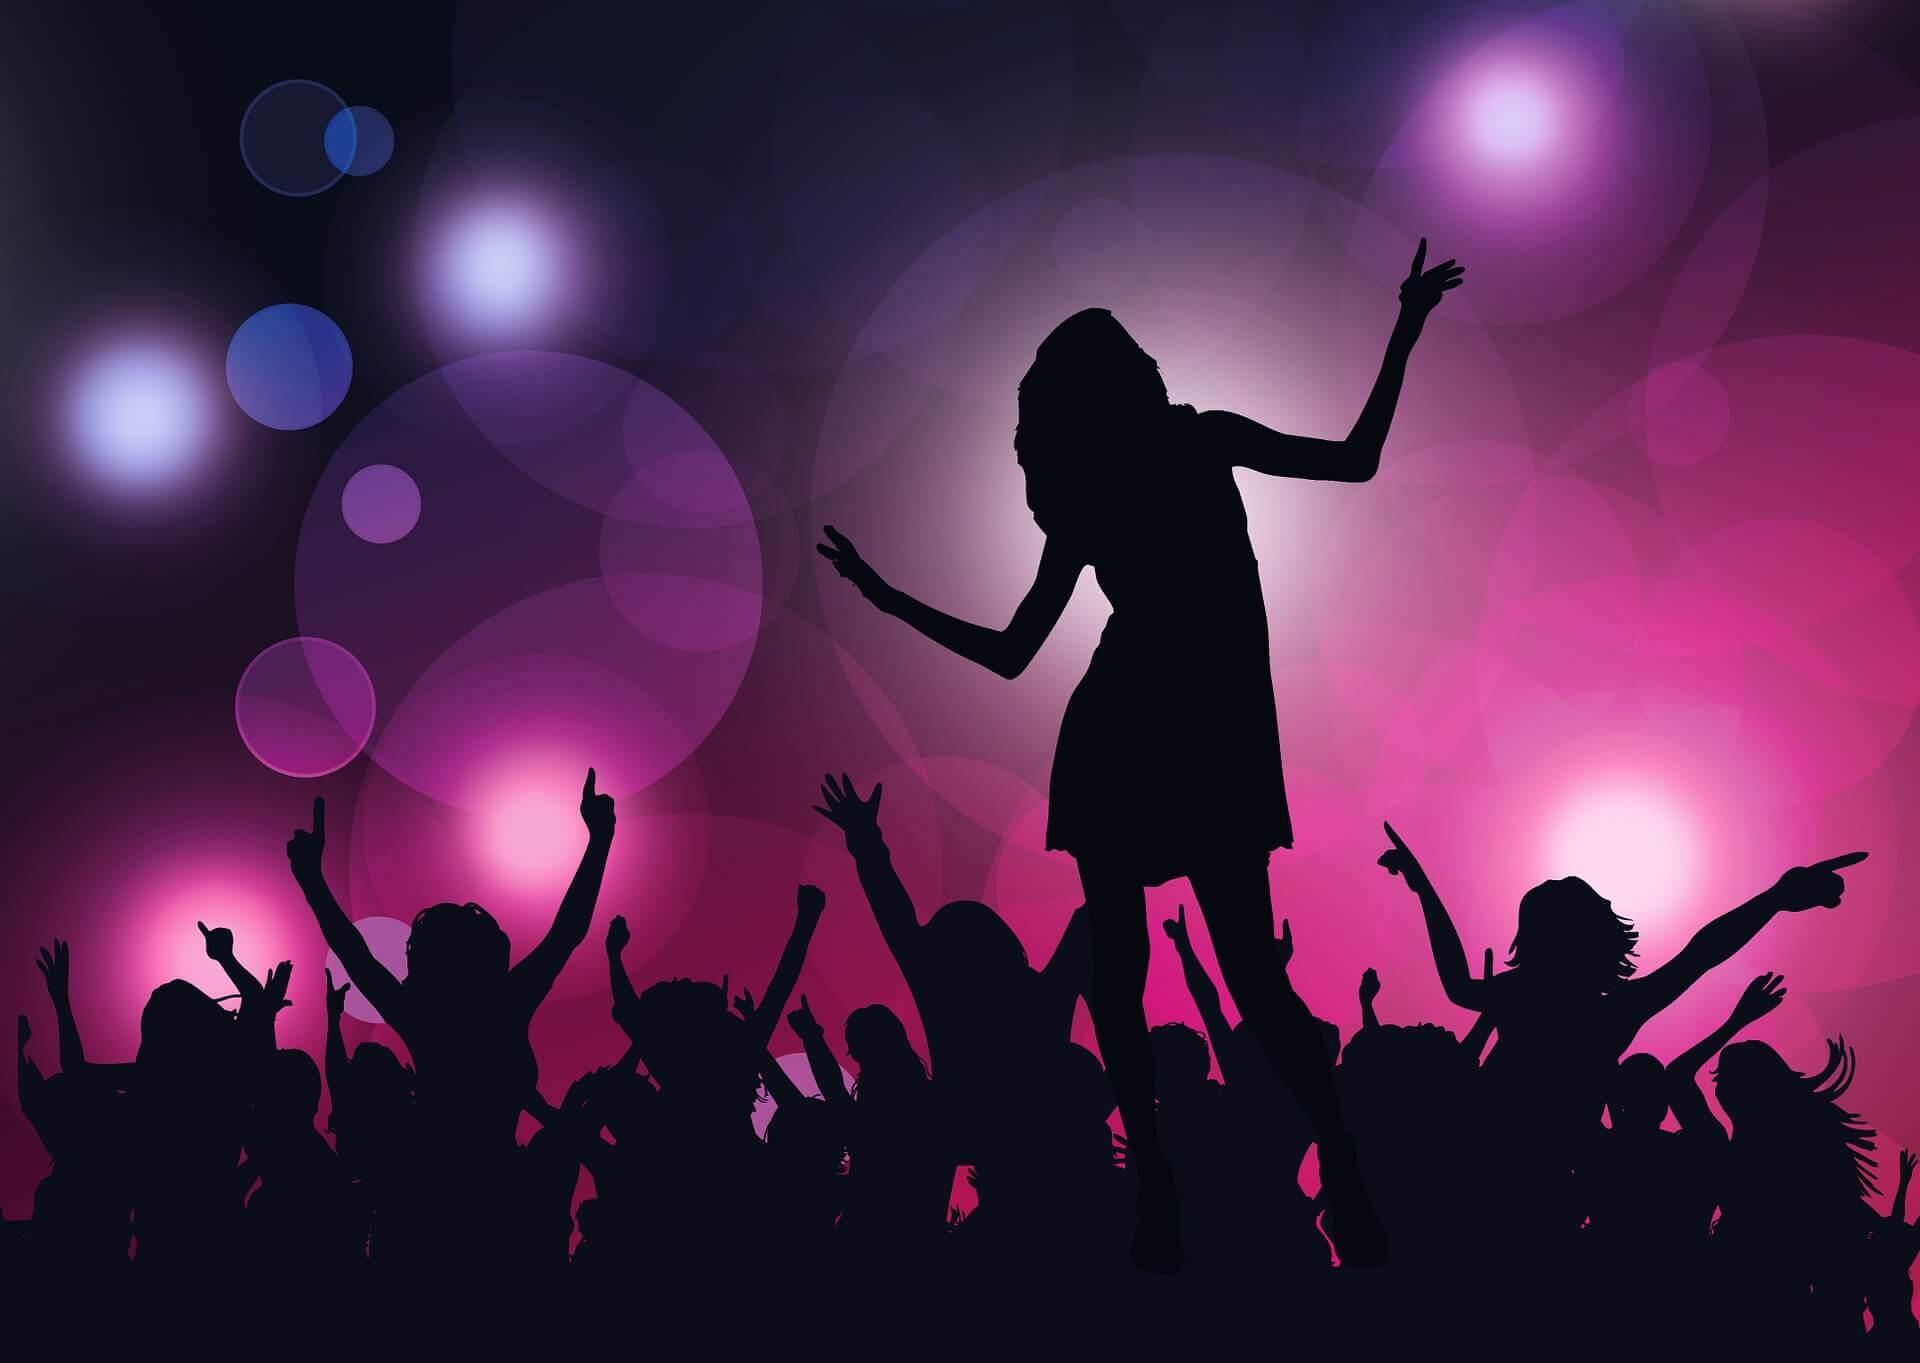 アイドルダンスをする女性のイラスト